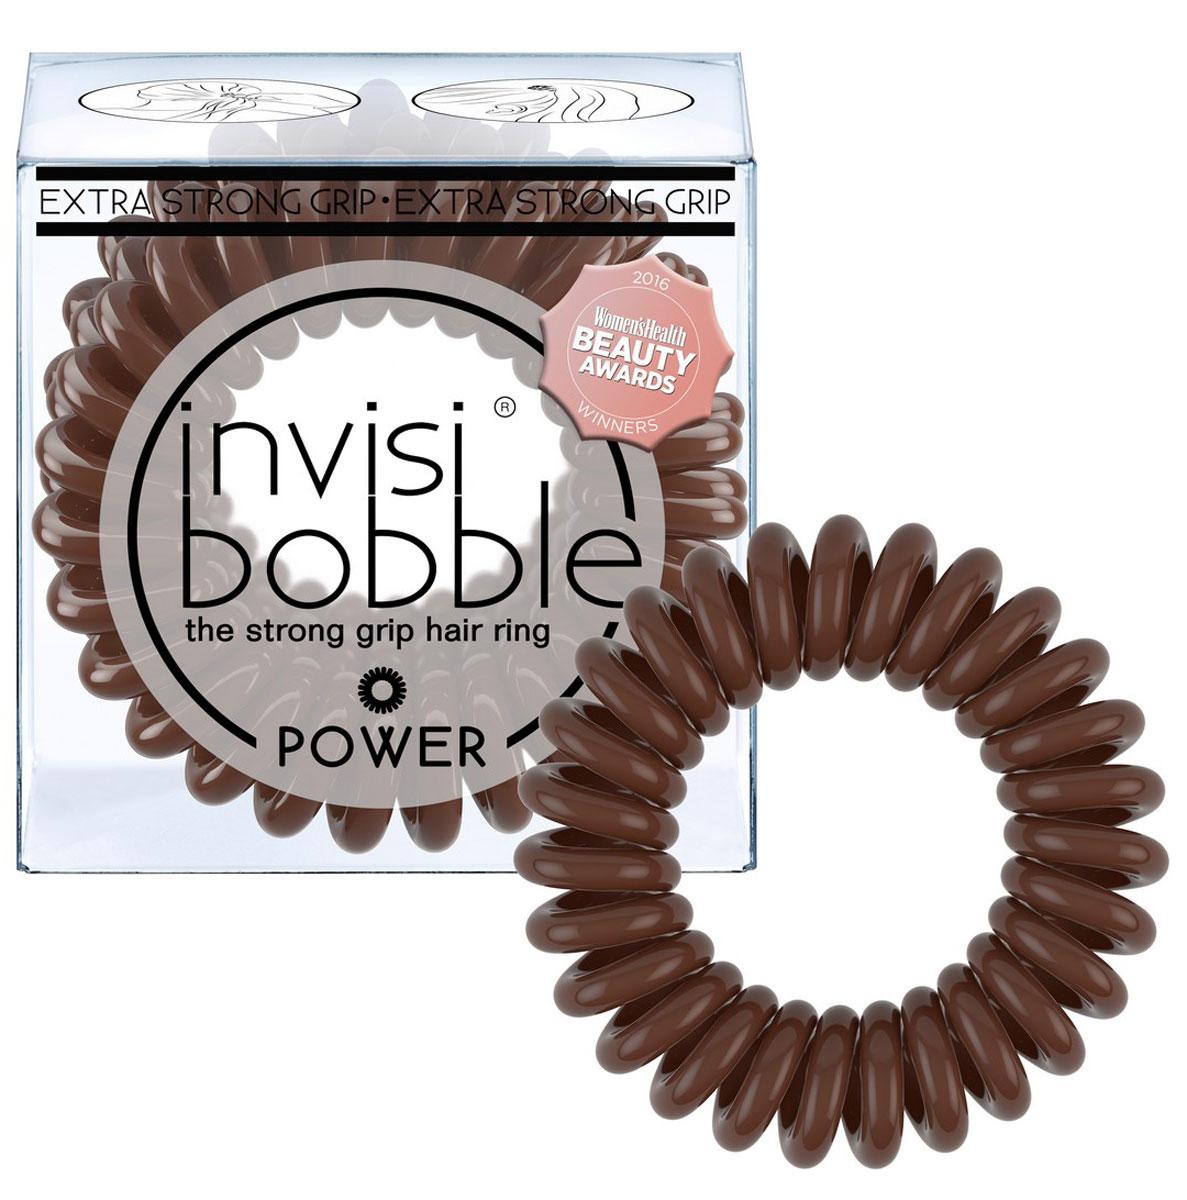 Резинка-браслет для волос Invisibobble Power Pretzel Brown, 3 шт3068Резинки-браслеты invisibobble коричневого цвета Pretzel Brown из обновлённой коллекции POWER идеально подойдут для поклонников классического стиля. Резинки-браслеты invisibobble POWER немного больше в размере, чем invisibobble ORIGINAL, а также имеют более плотные витки. Это позволяет плотно фиксировать волосы во время занятий спортом и активного отдыха. invisibobble POWER также идеальны для густых волос. Резинки-браслеты invisibobble подходят для всех типов волос, надежно фиксируют причёску, не оставляют заломы и не вызывают головную боль благодаря неравномерному распределению давления на волосы. Кроме того, они не намокают и не вызывают аллергию при контакте с кожей, поскольку изготовлены из искусственной смолы.C резинками invisibobble можно легко создавать разные прически. Резинки прочно держат волосы любой длины, при этом не стягивая их слишком туго. Телефонный провод позволяет с легкостью и без вреда для волос протягивать пряди под спираль и ослаблять уже закрепленные для придания объема прическе. Увеличенный размер и более плотные витки invisibobble POWER позволяют прочно закрепить причёску во время занятий спортом, а также идеально подходят для объёмных и густых волос.Не комедогенна.